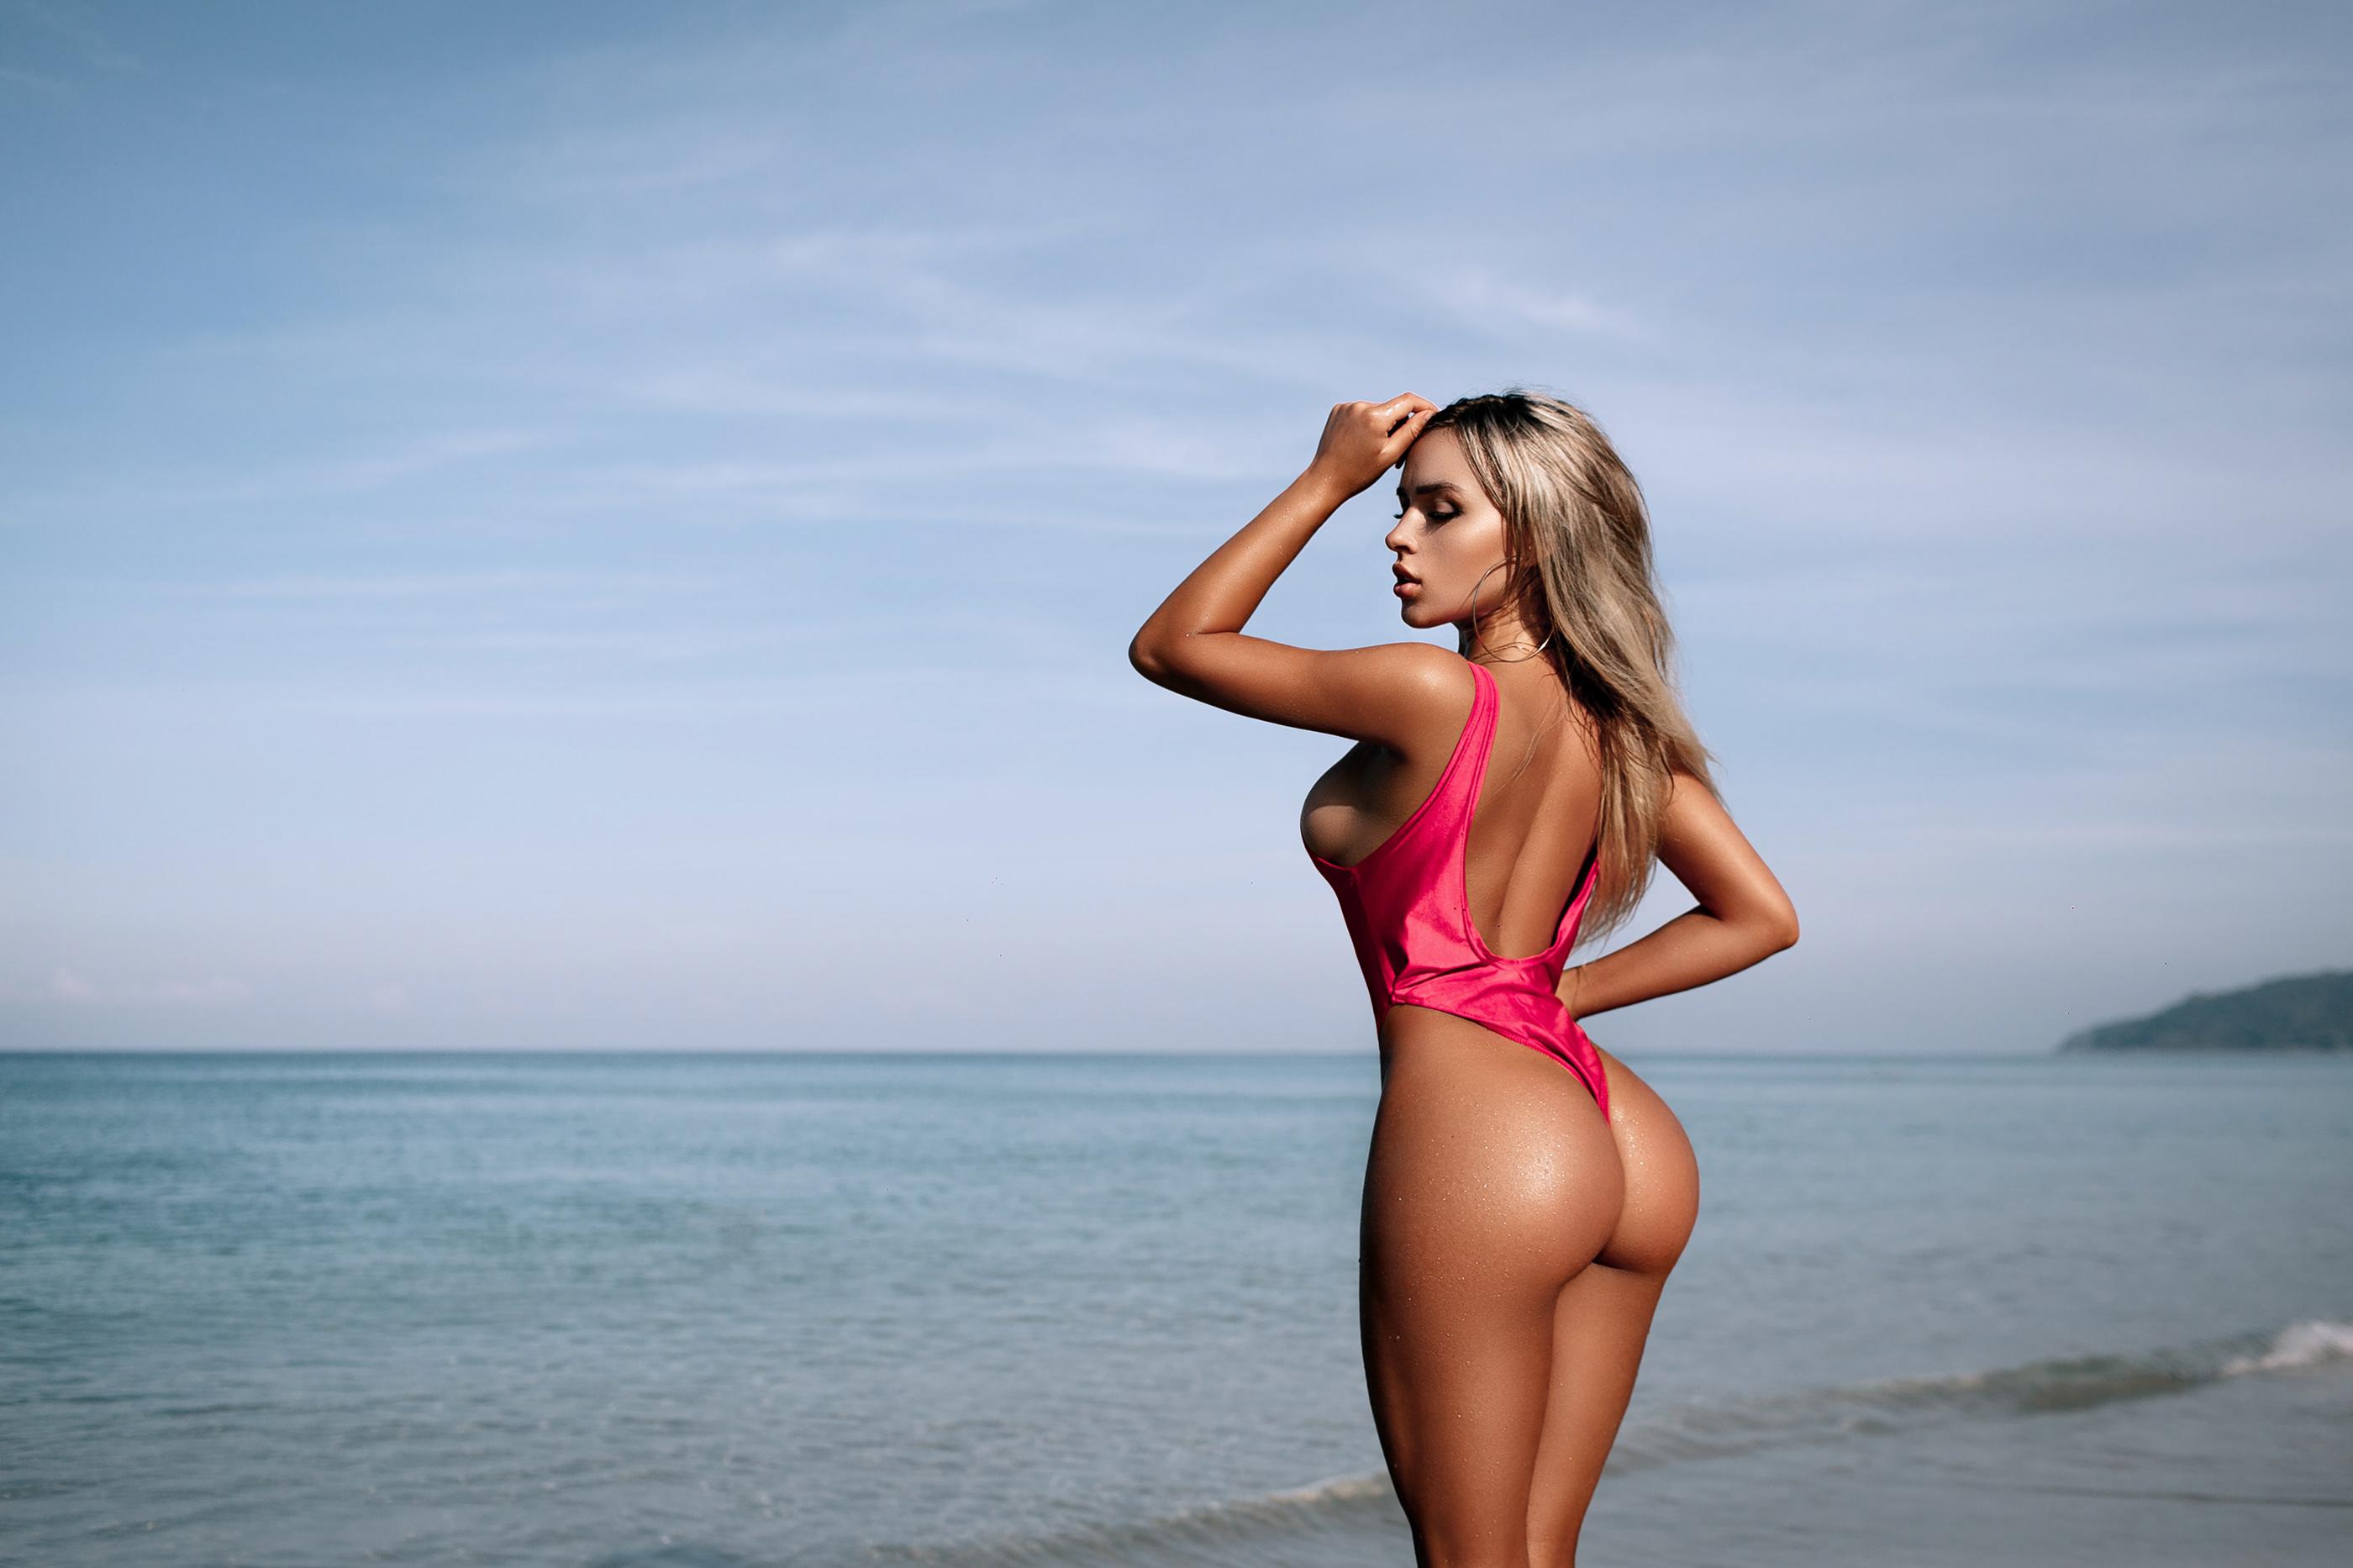 Sideboobs Skye Blue nudes (73 photos), Ass, Cleavage, Selfie, braless 2015